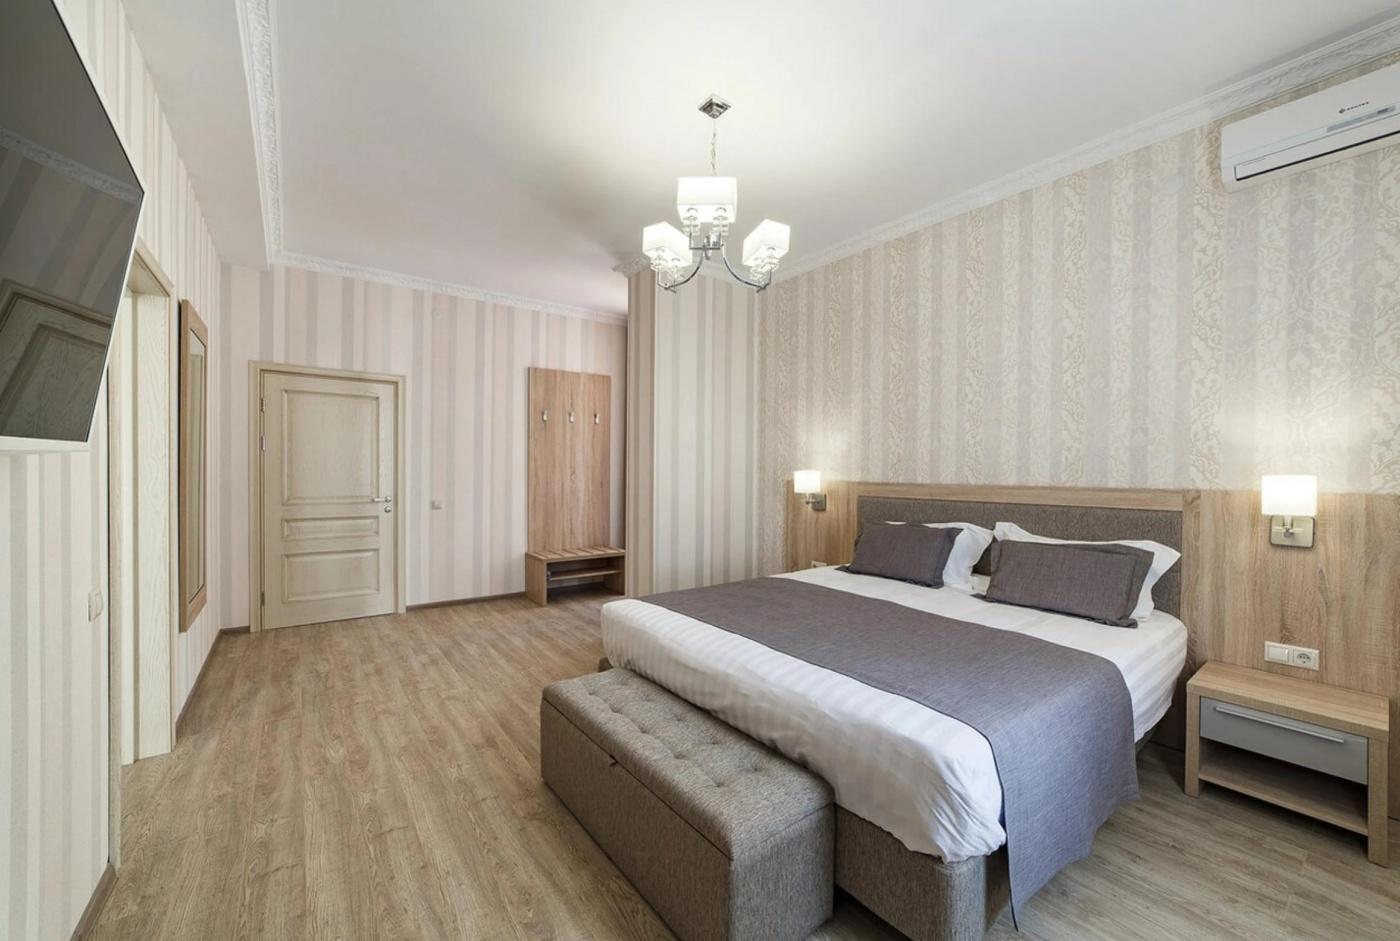 Отель «Alean Family Hotel Usadba 4*» Краснодарский край Семейный 2-комнатный, фото 1